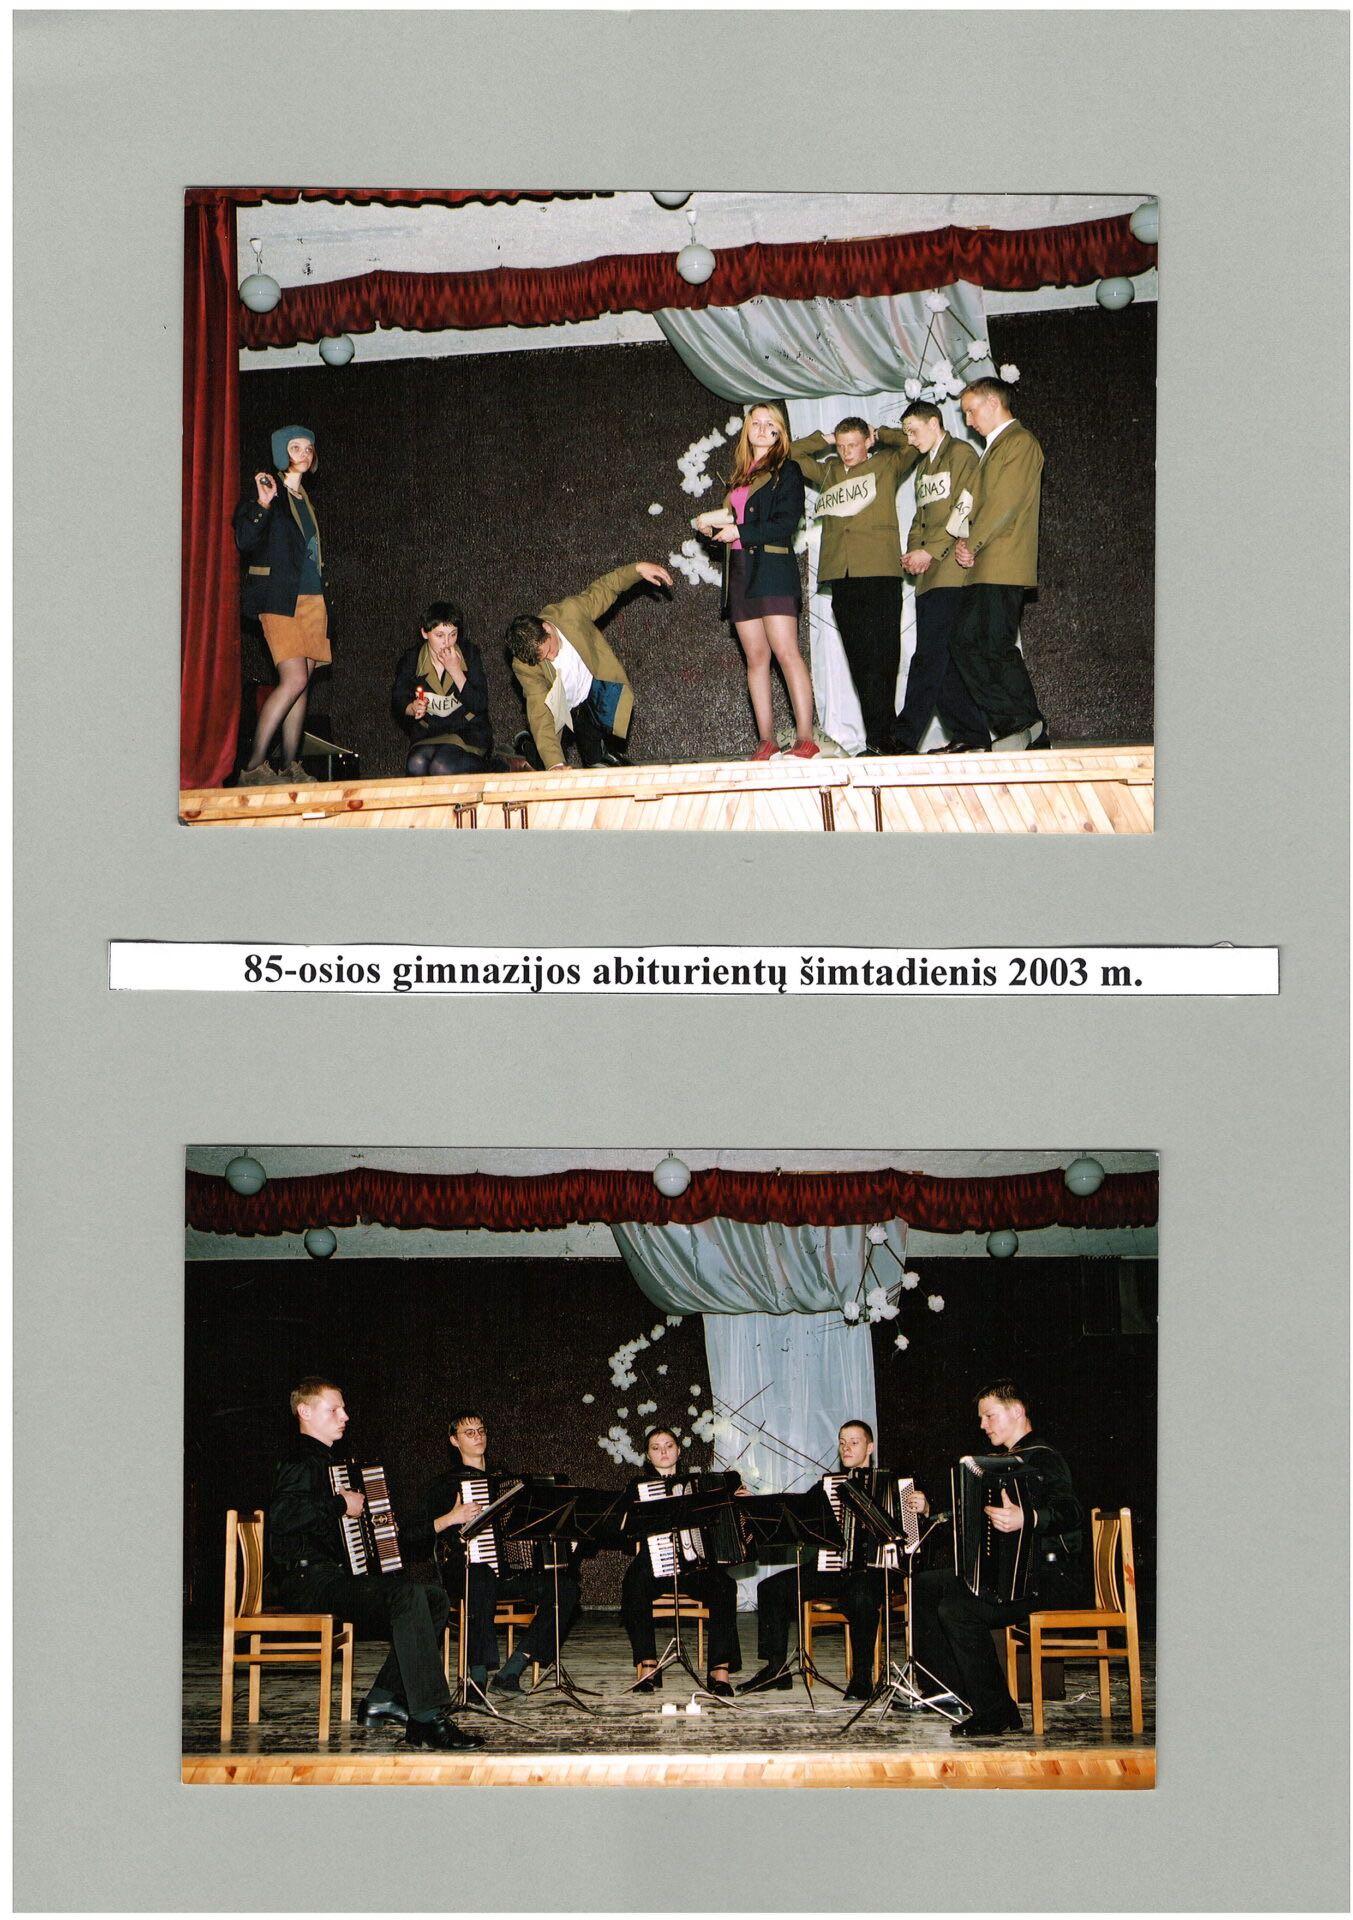 85 - osios gimnazijos abiturientų šimtadienis 2003 m.